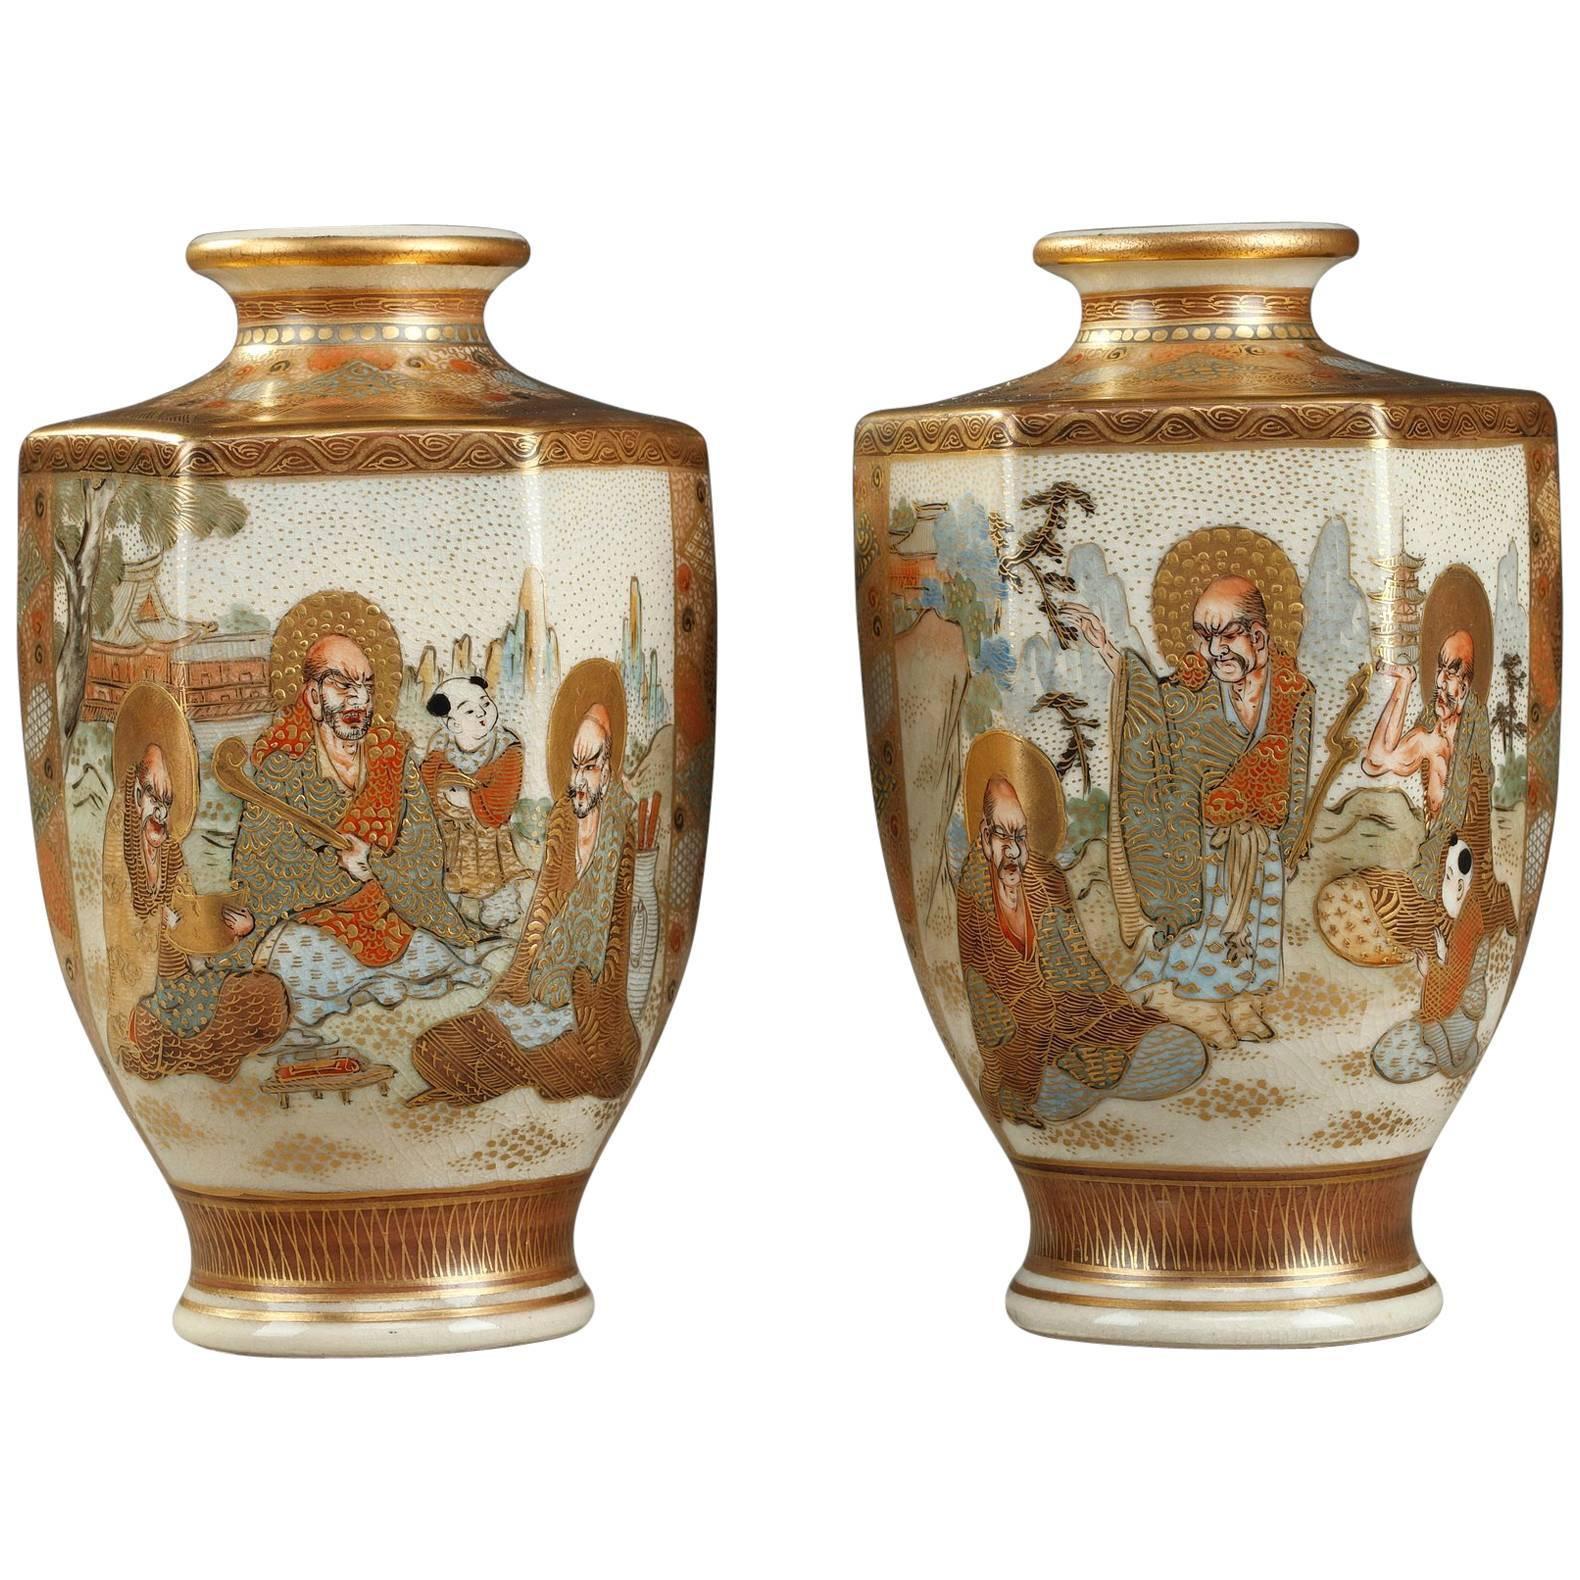 vintage frosted glass vase of 10 fresh crystal blue vase bogekompresorturkiye com within chinese ginger jar table lamps elegant pair 20th century general porcelain trenton nj usa industrial